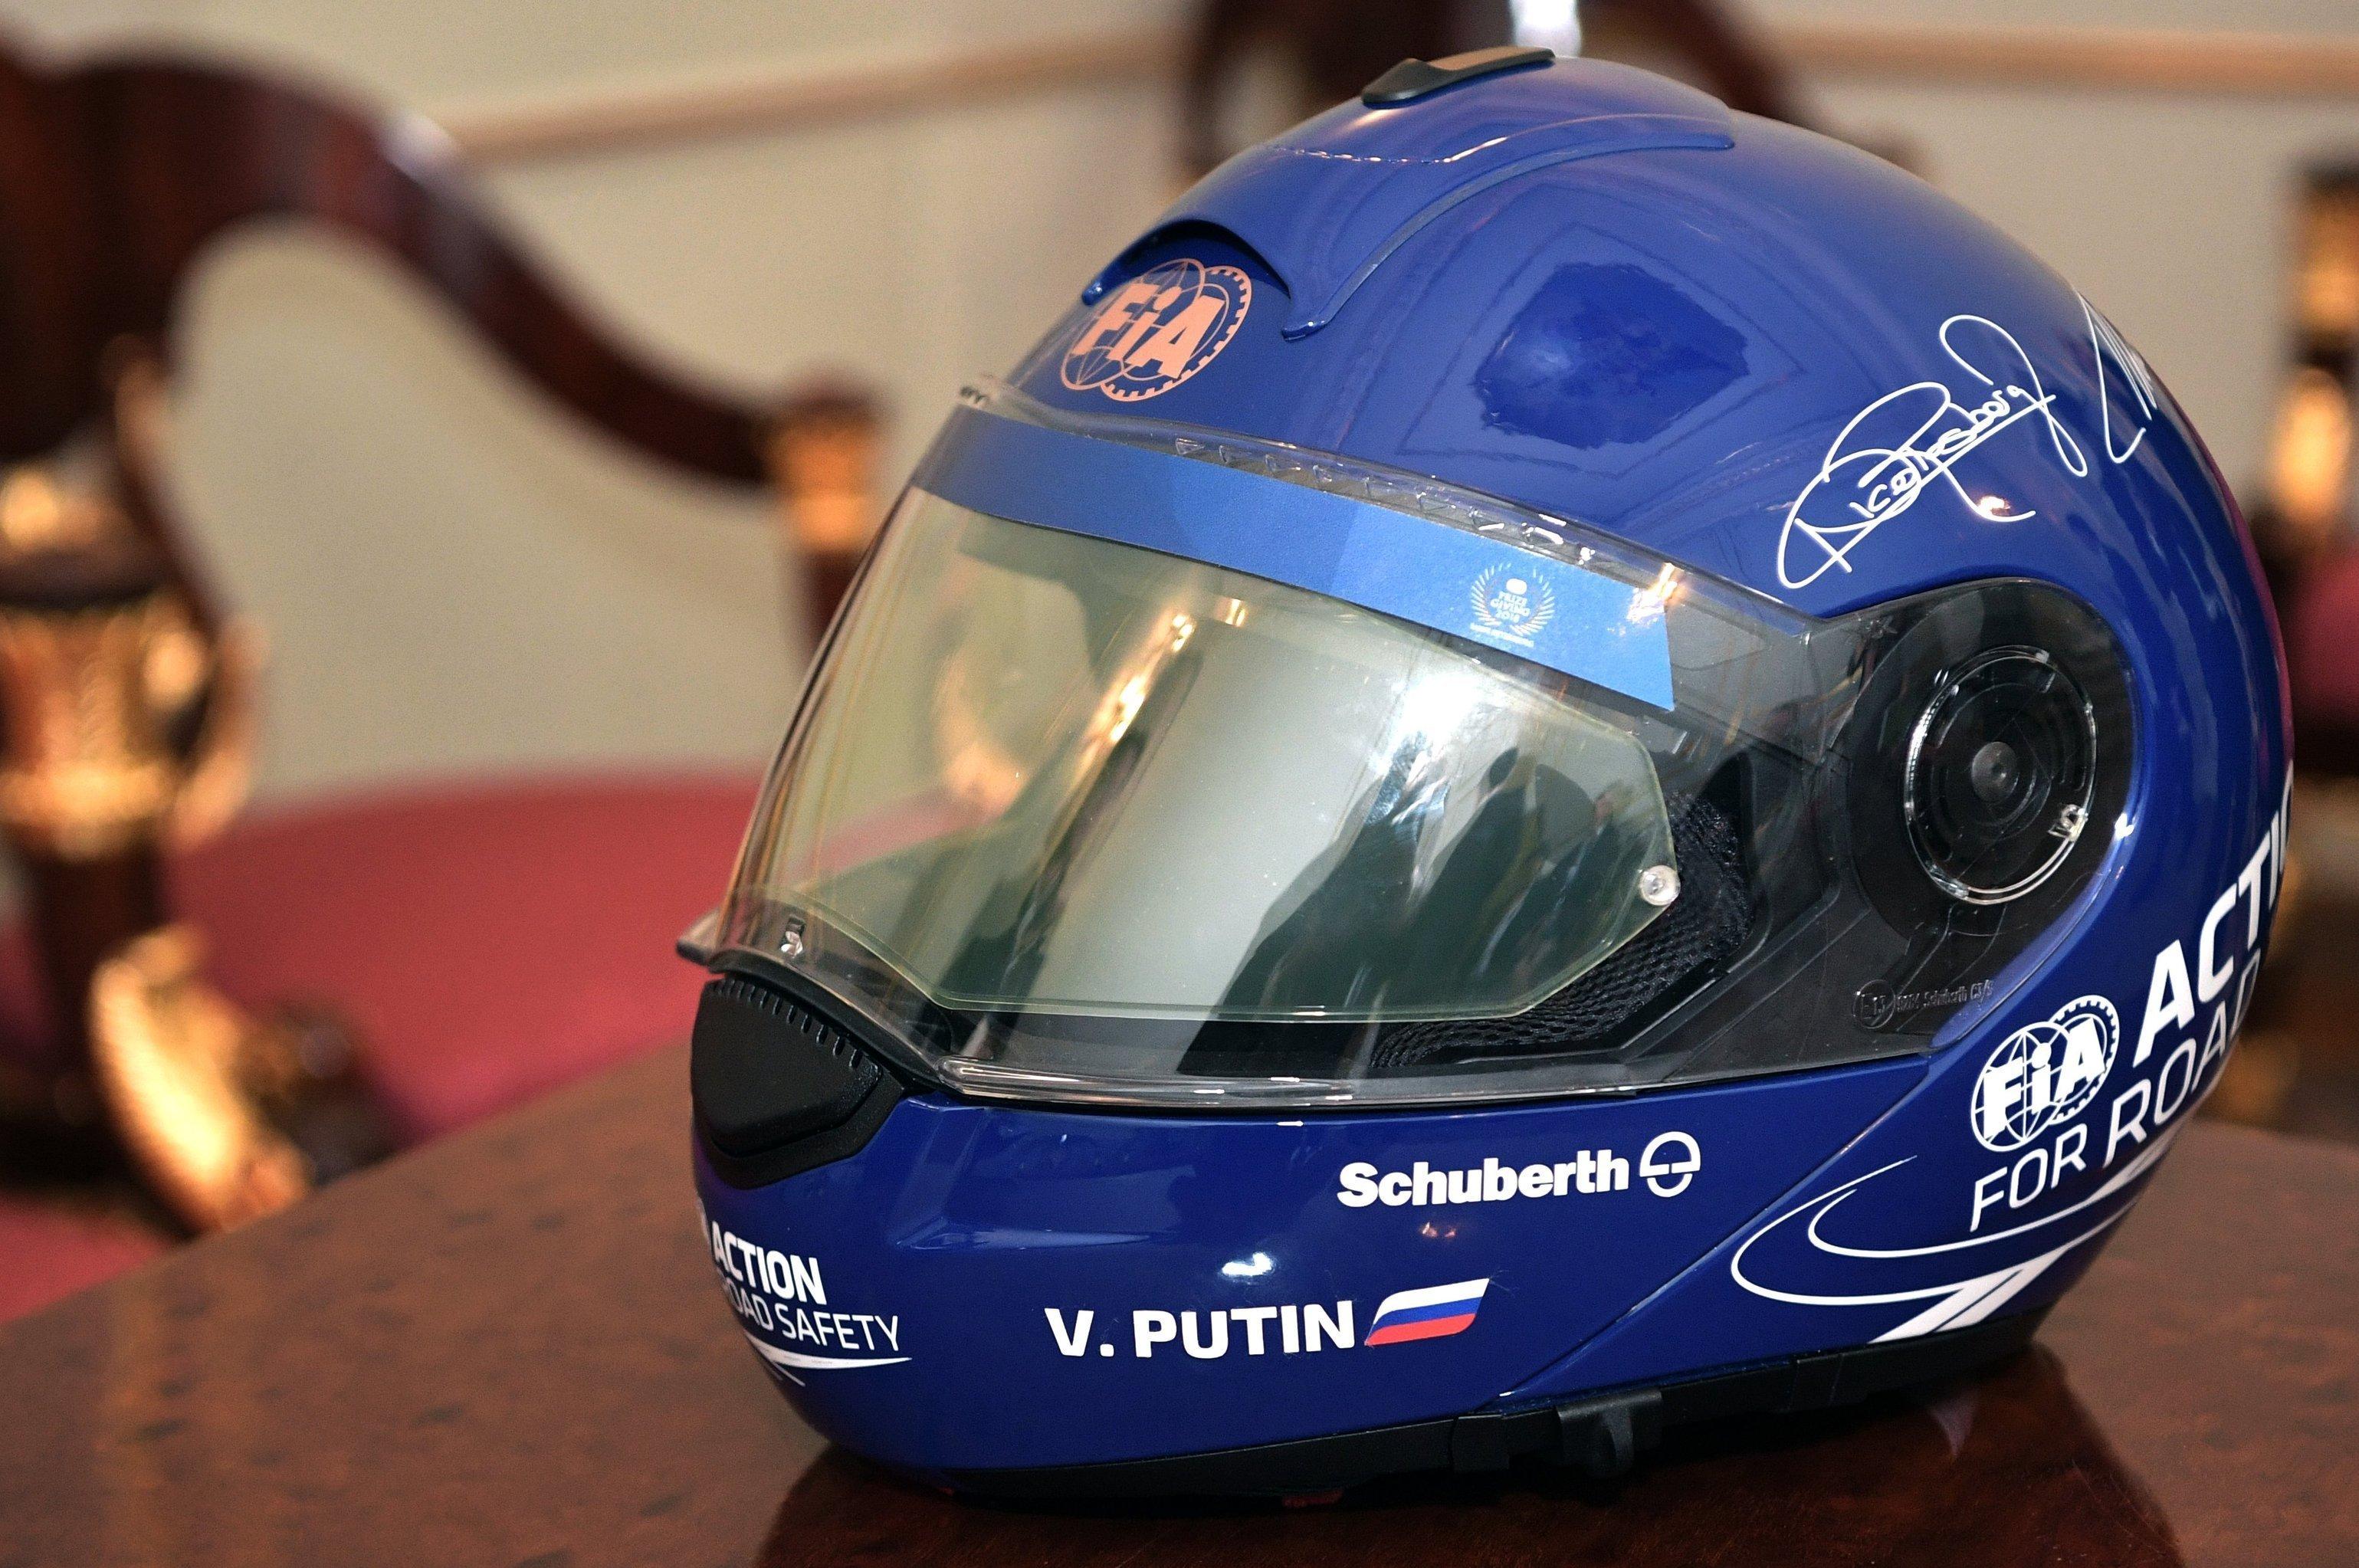 Le casque de pilote offert par Jean Todt à Vladimir Poutine